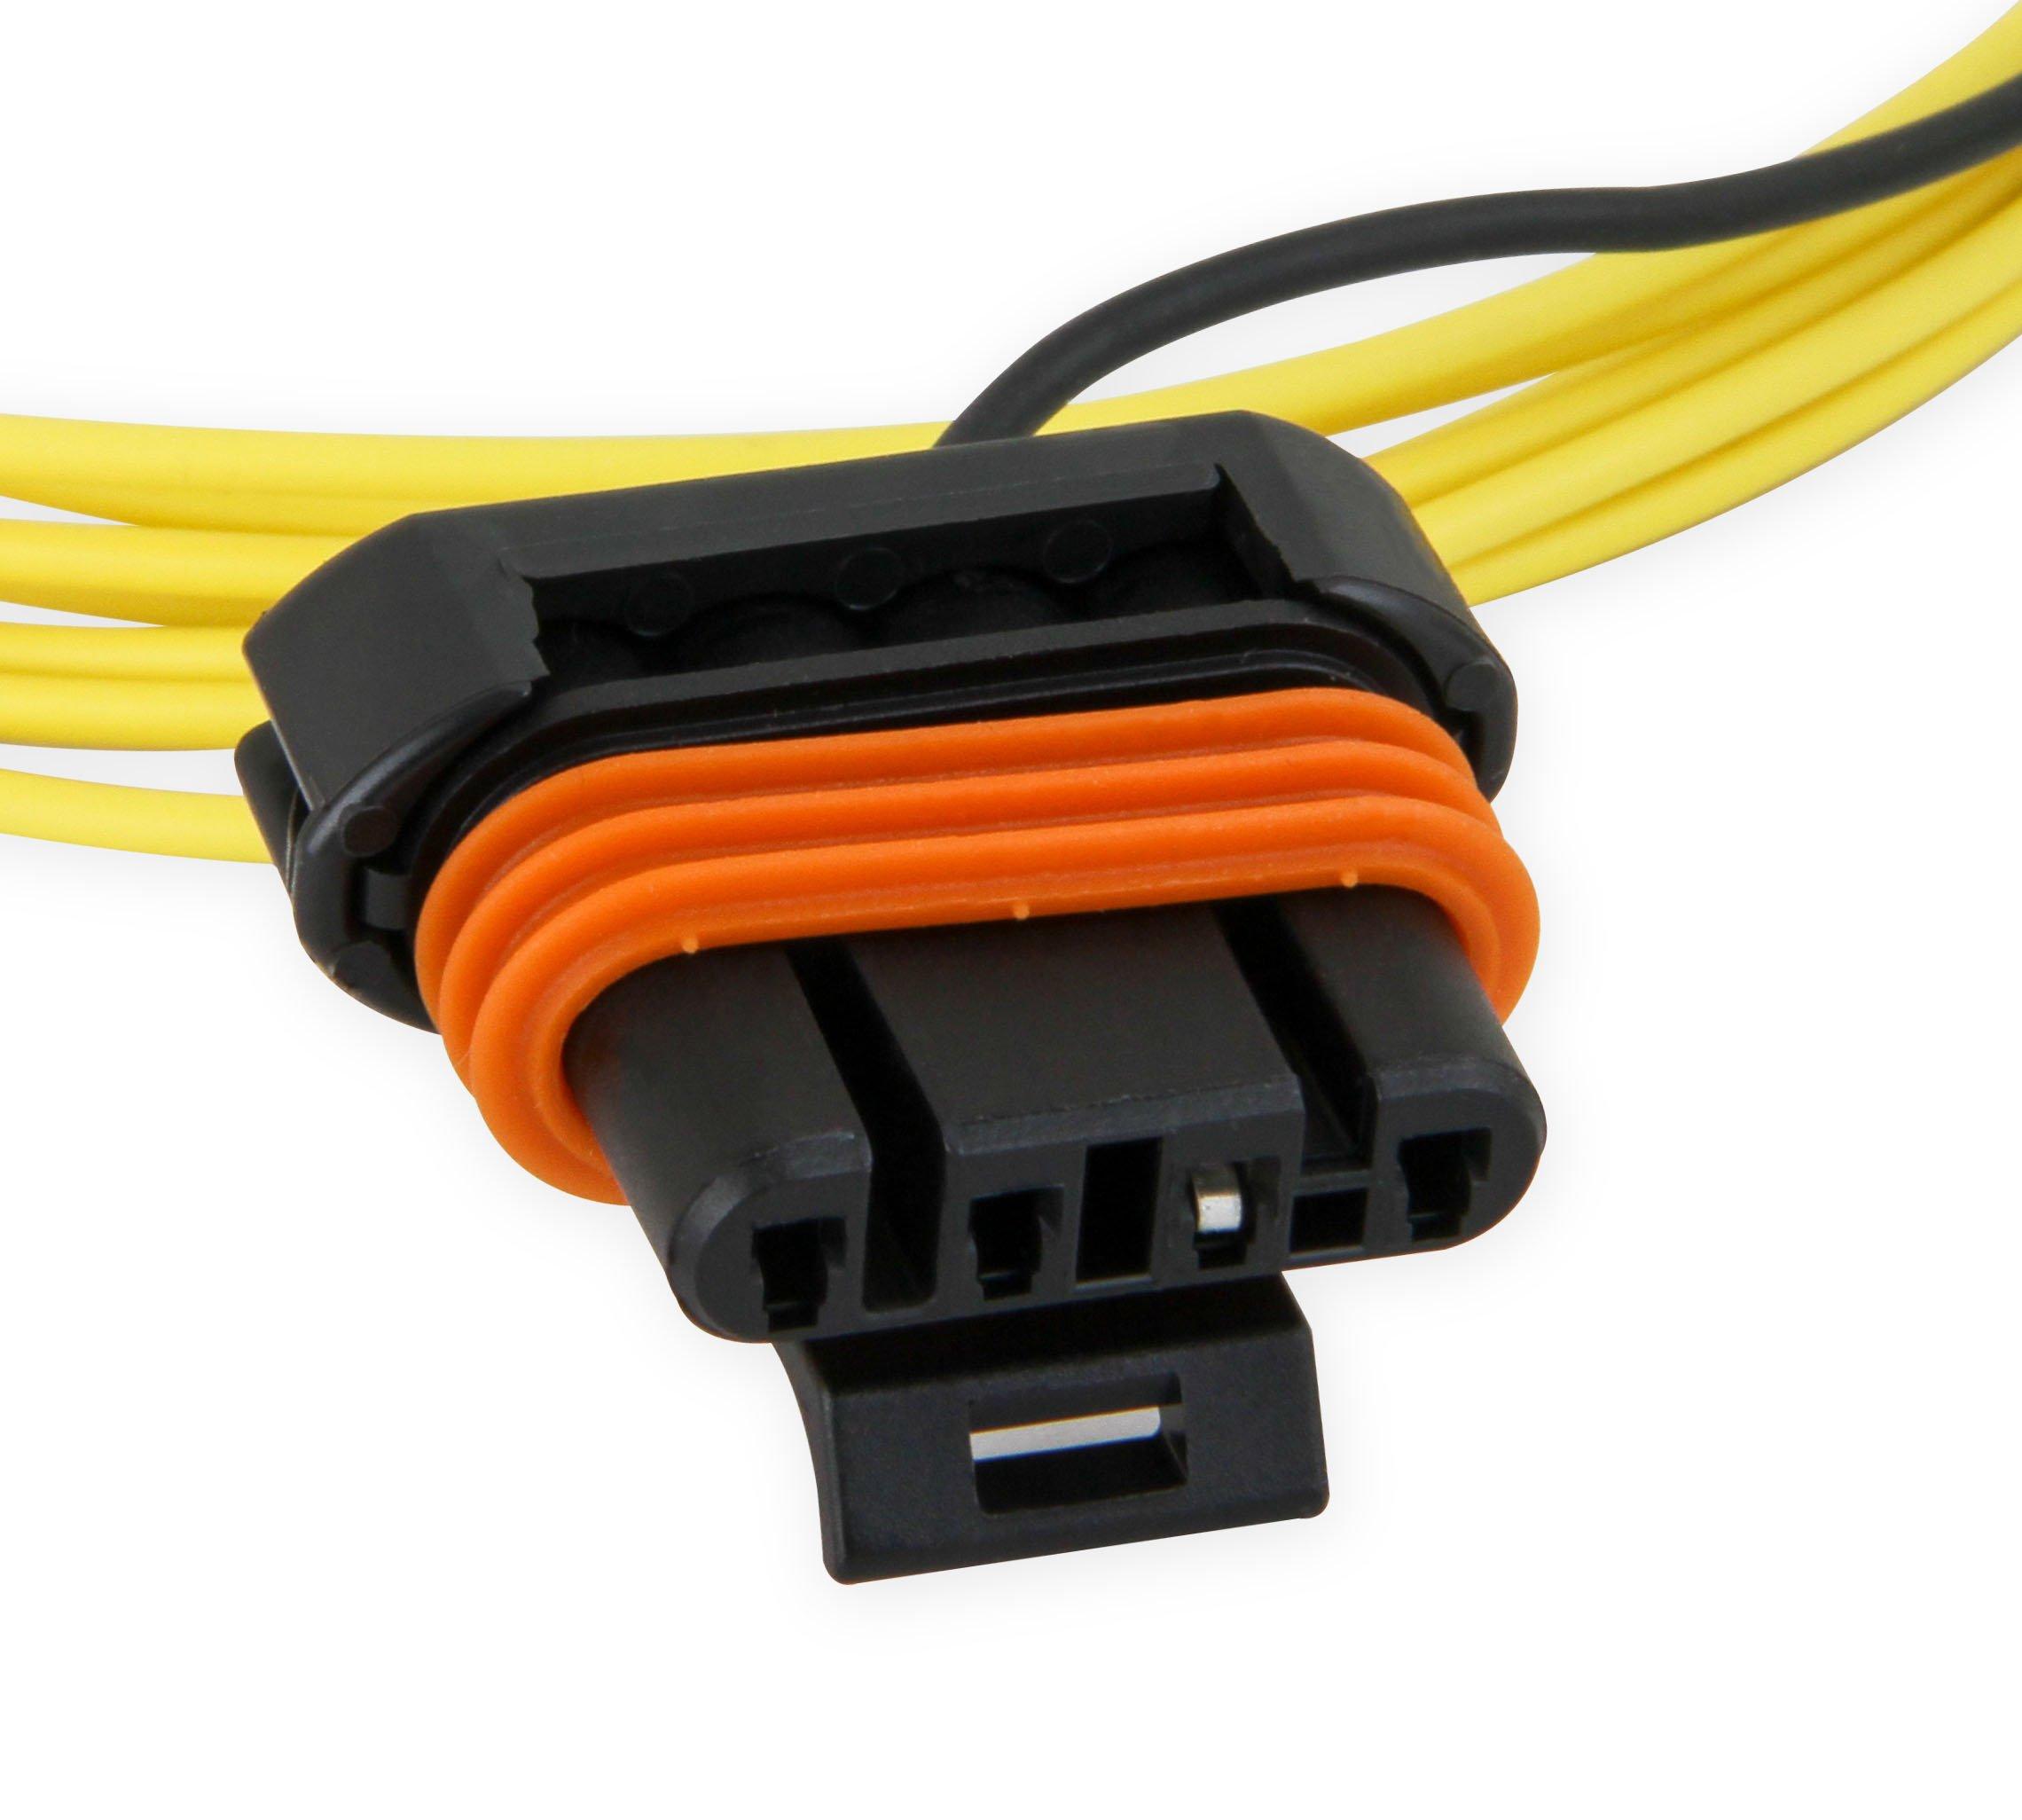 gm 4 wire alternator wiring diagram holley 197 400 gm 4 pin alternator plug pigtail  holley 197 400 gm 4 pin alternator plug